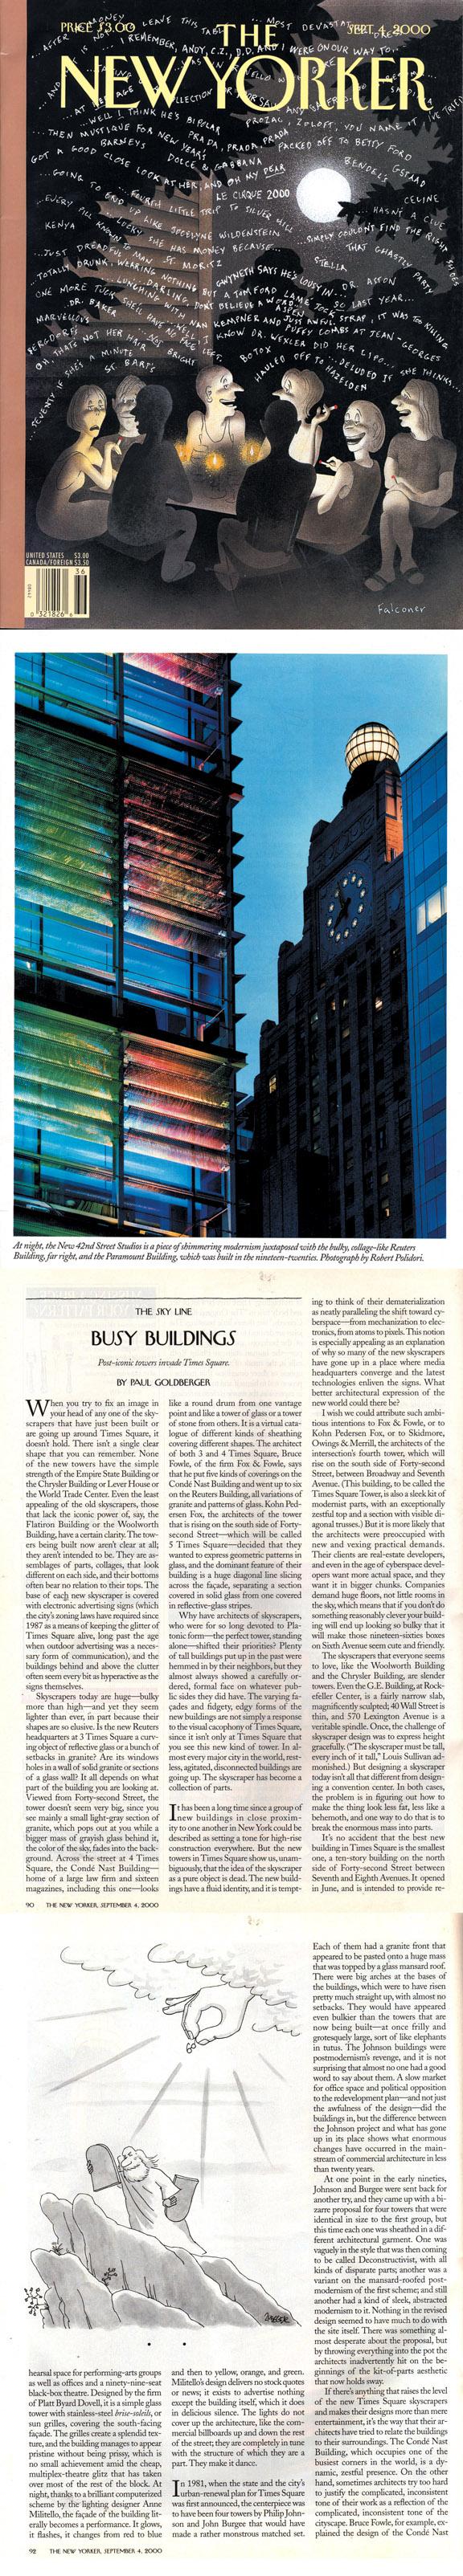 NEW YORKER   SEPTEMBER 4, 2000